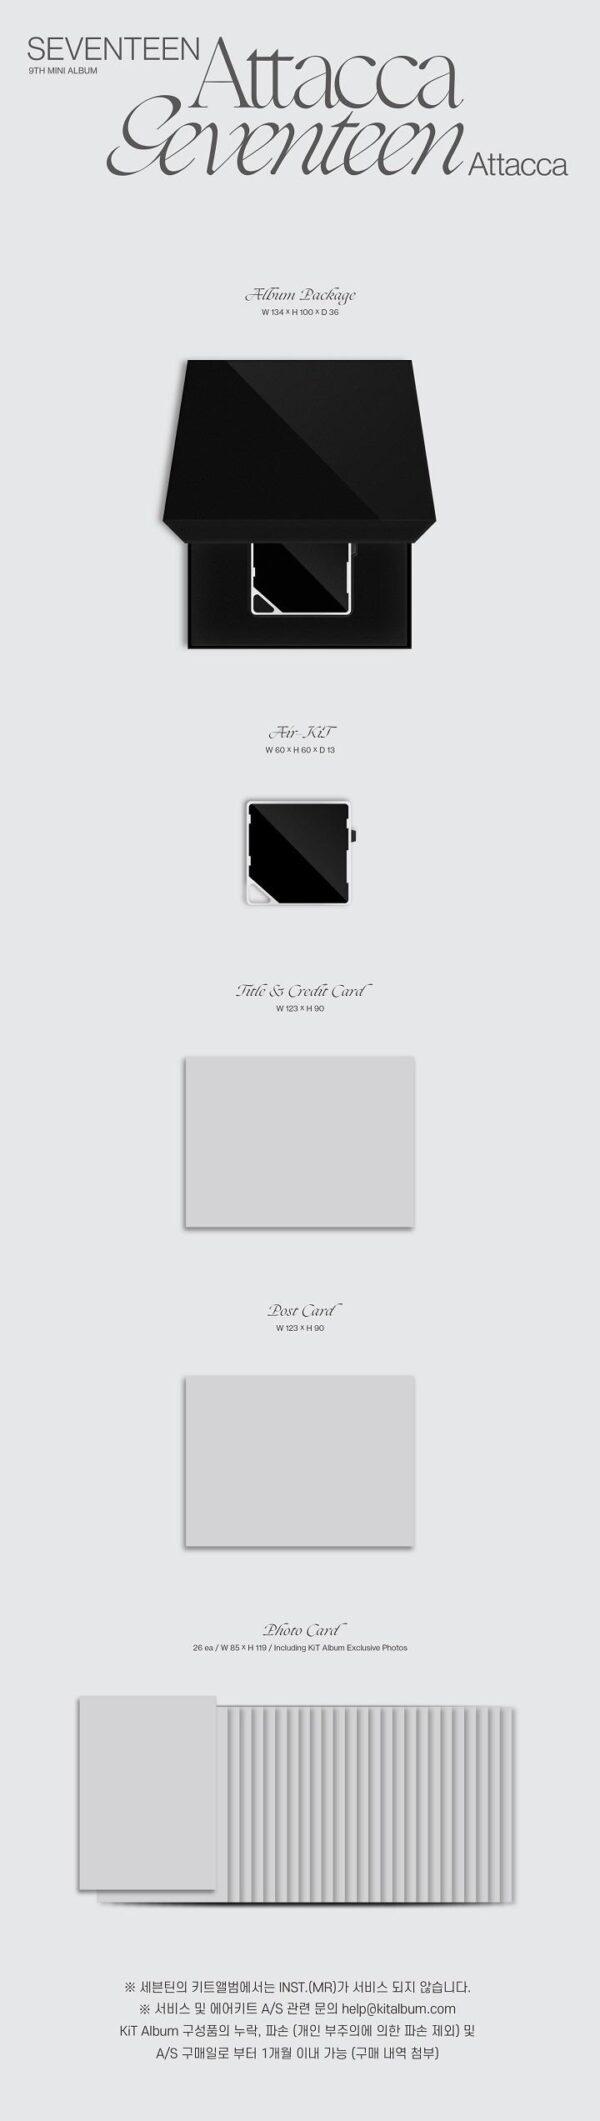 9th Mini Album de Seventeen – Attacca Kit Ver.